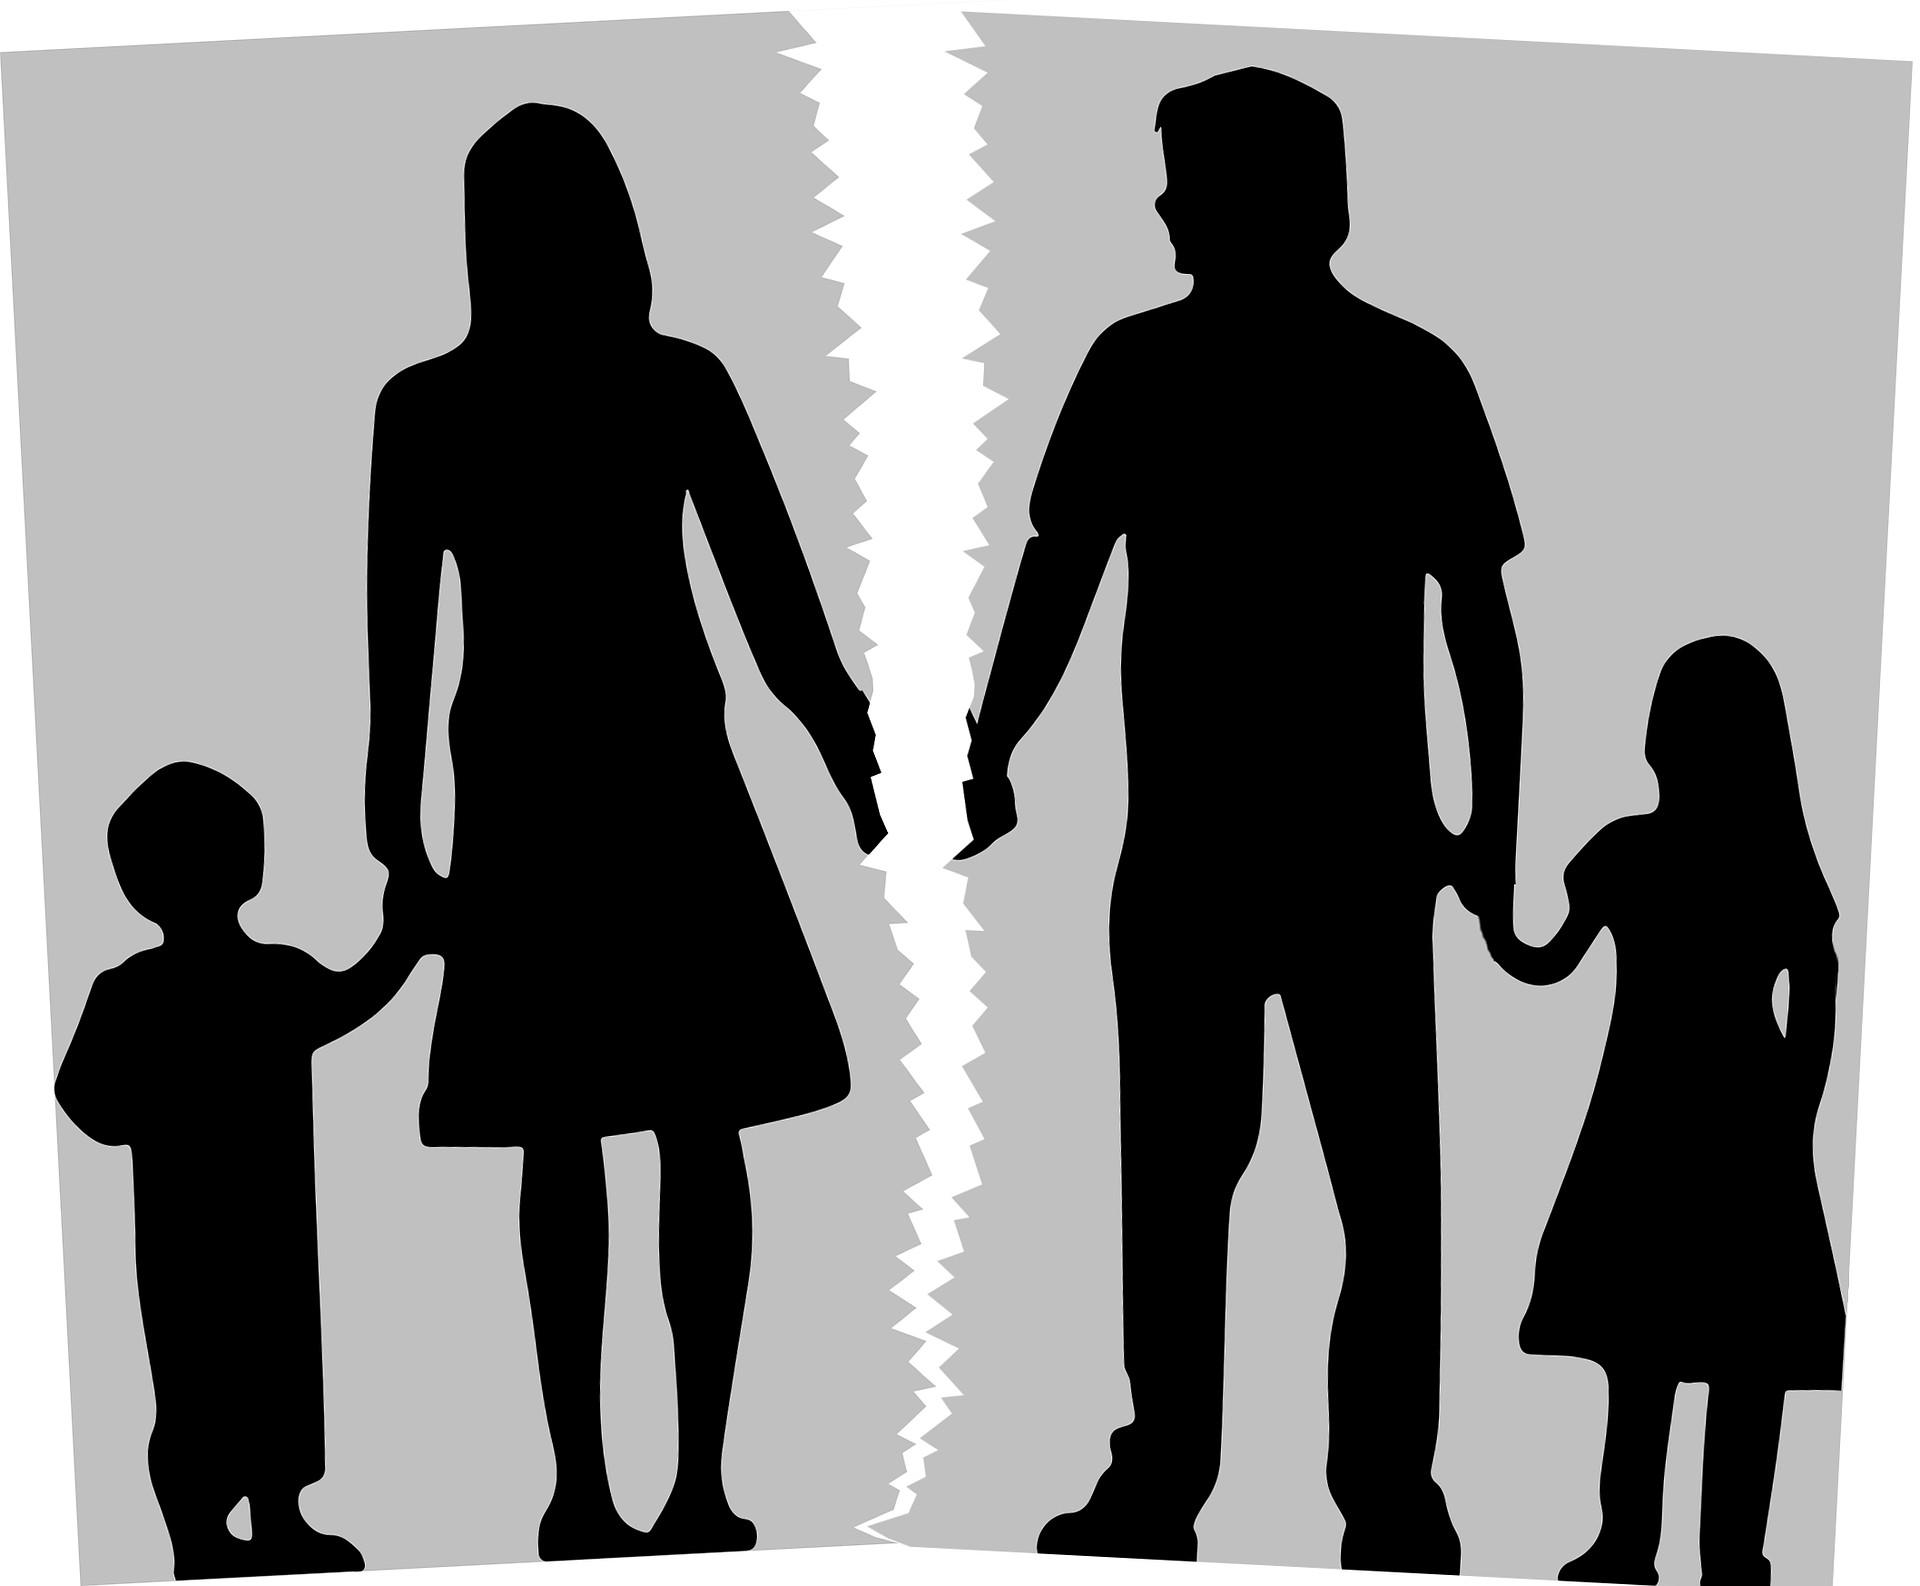 נישואין לשם קבלת גרין קארד בטלים מעיקרם ללא צורך בגט